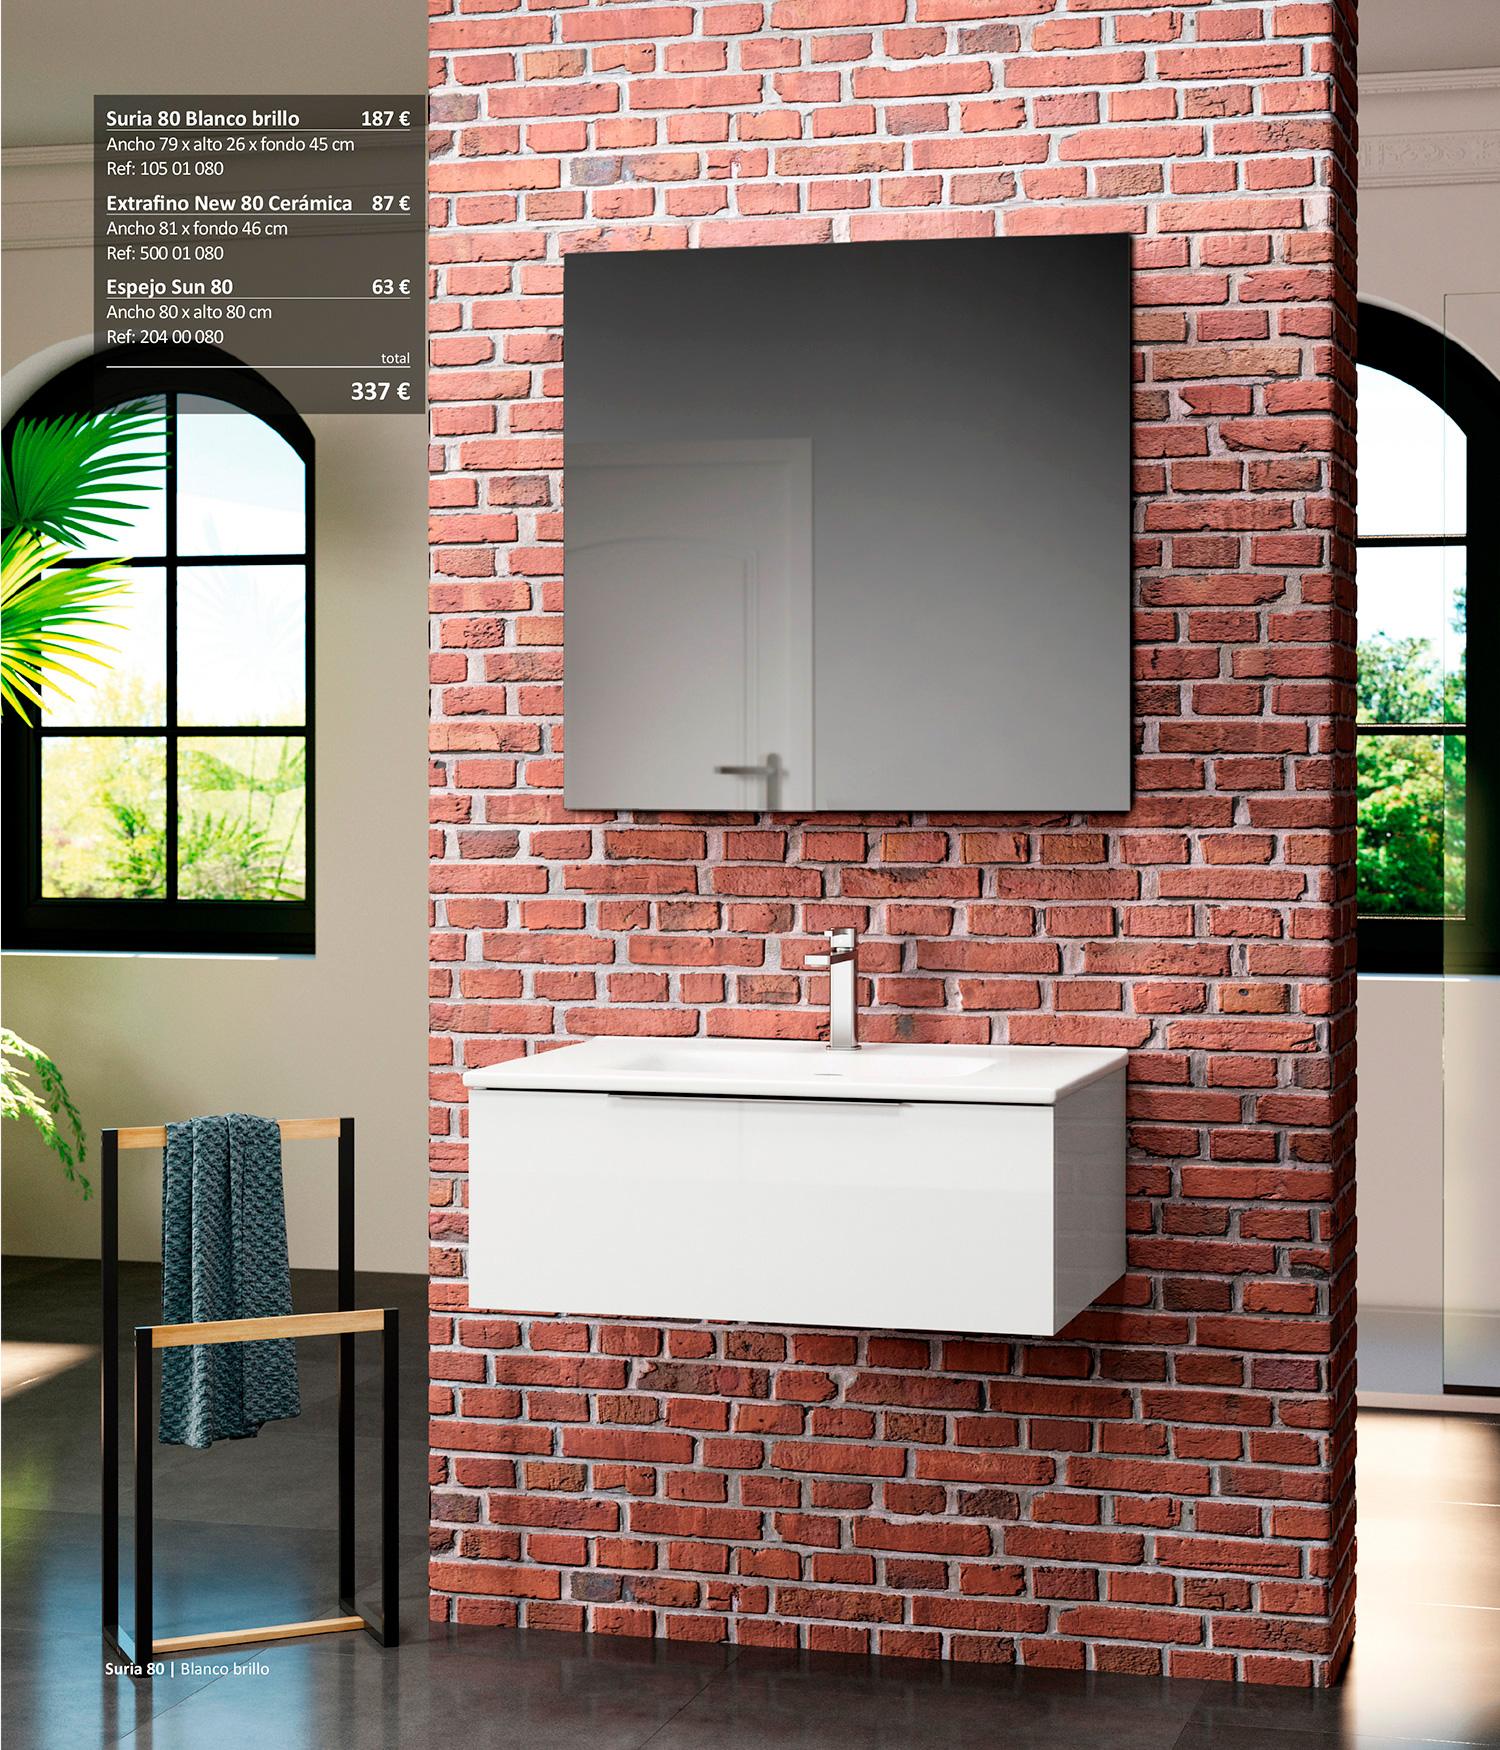 Mueble de baño Suria Sánchez Baños